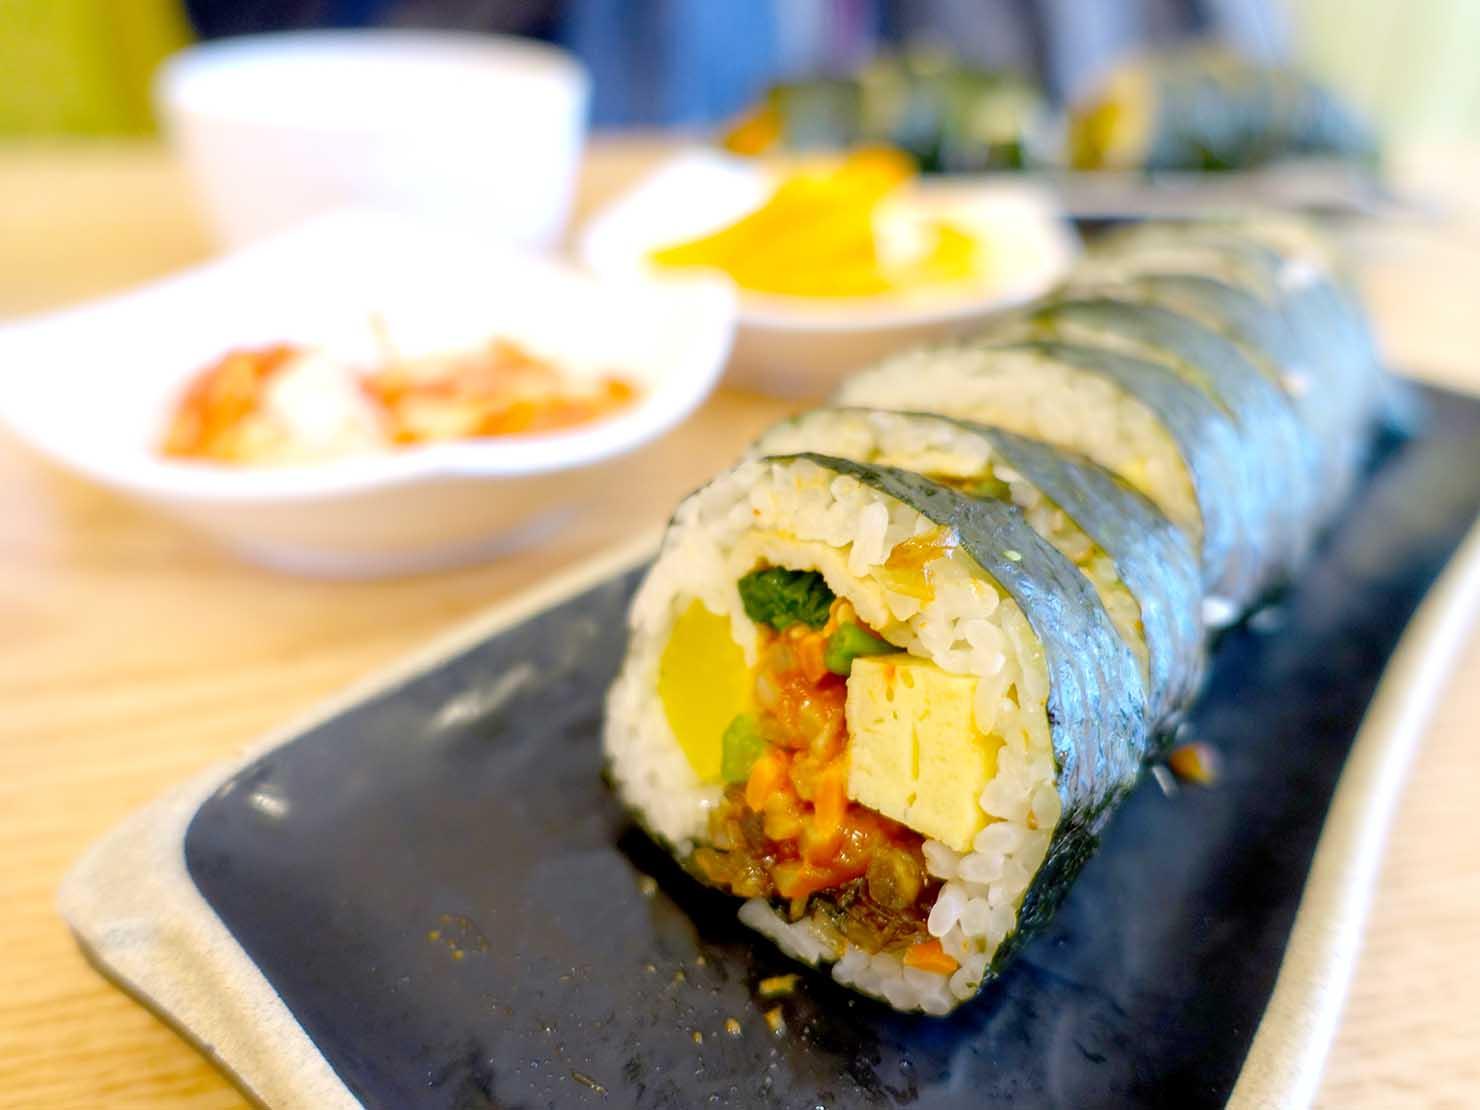 ソウル・孔德(공덕/コンドク)駅周辺で食べた韓国式海苔巻き「キムパプ(김밥)」